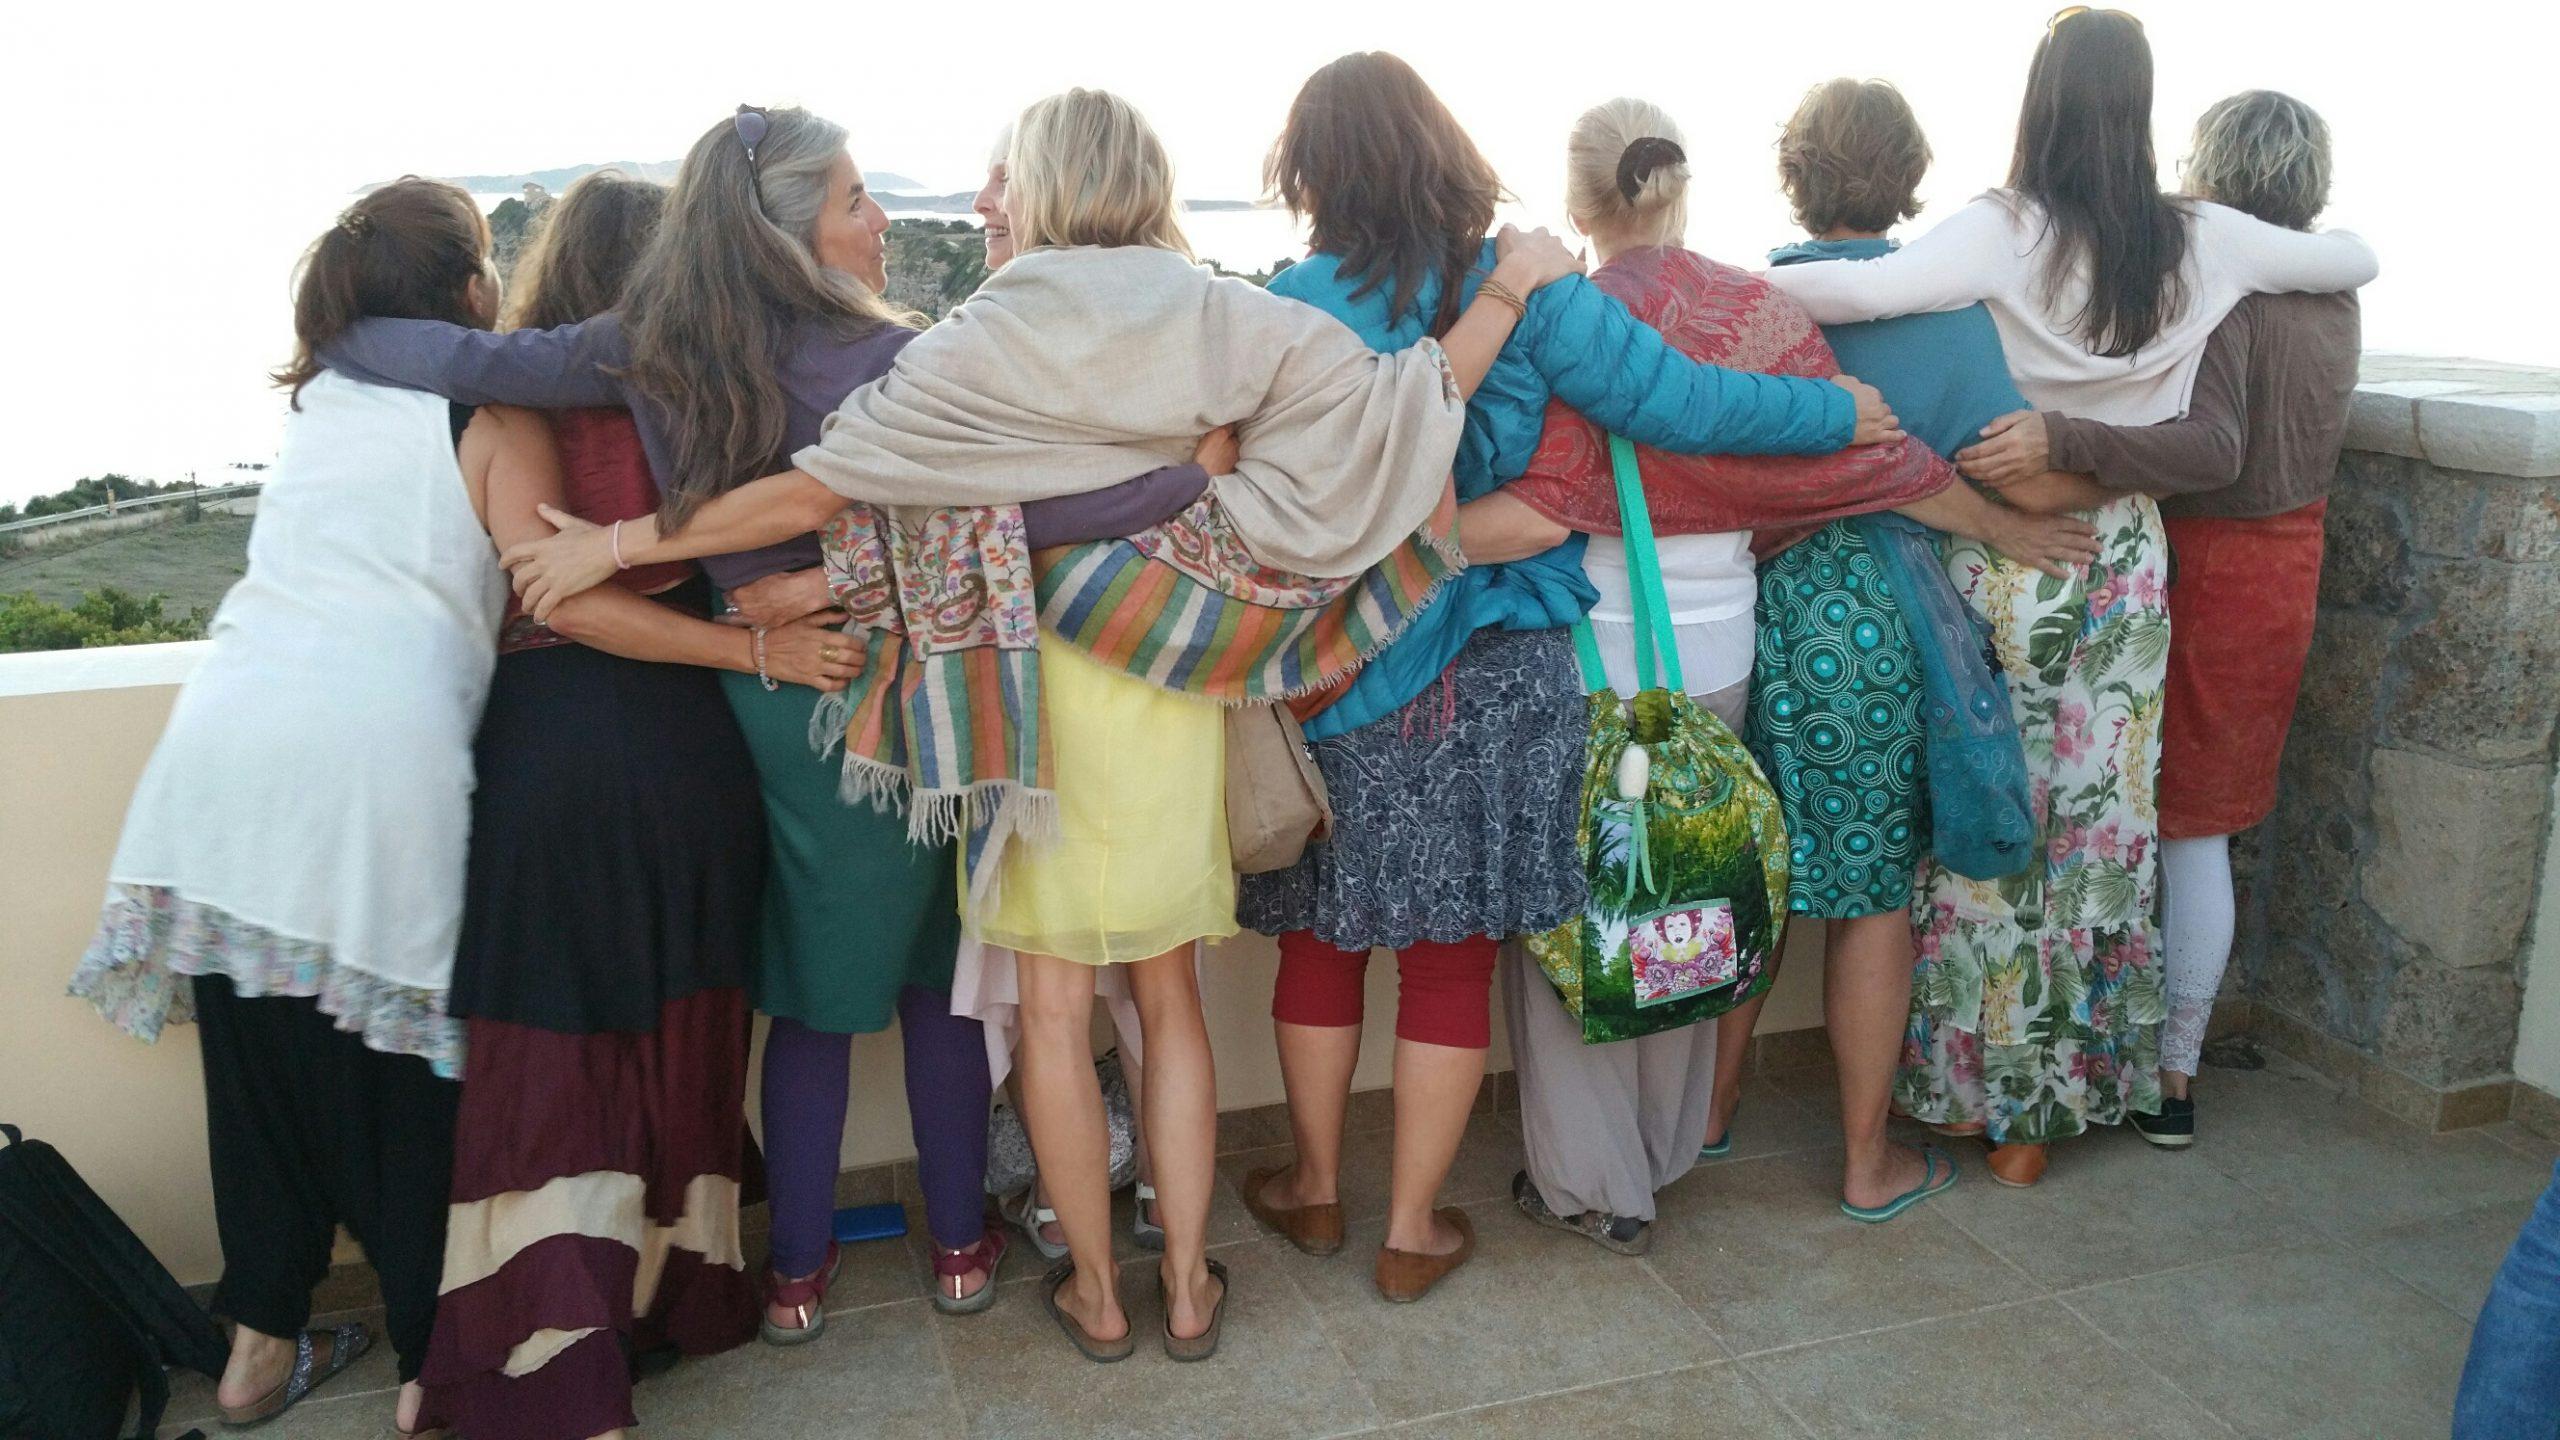 Frauentempelgruppe